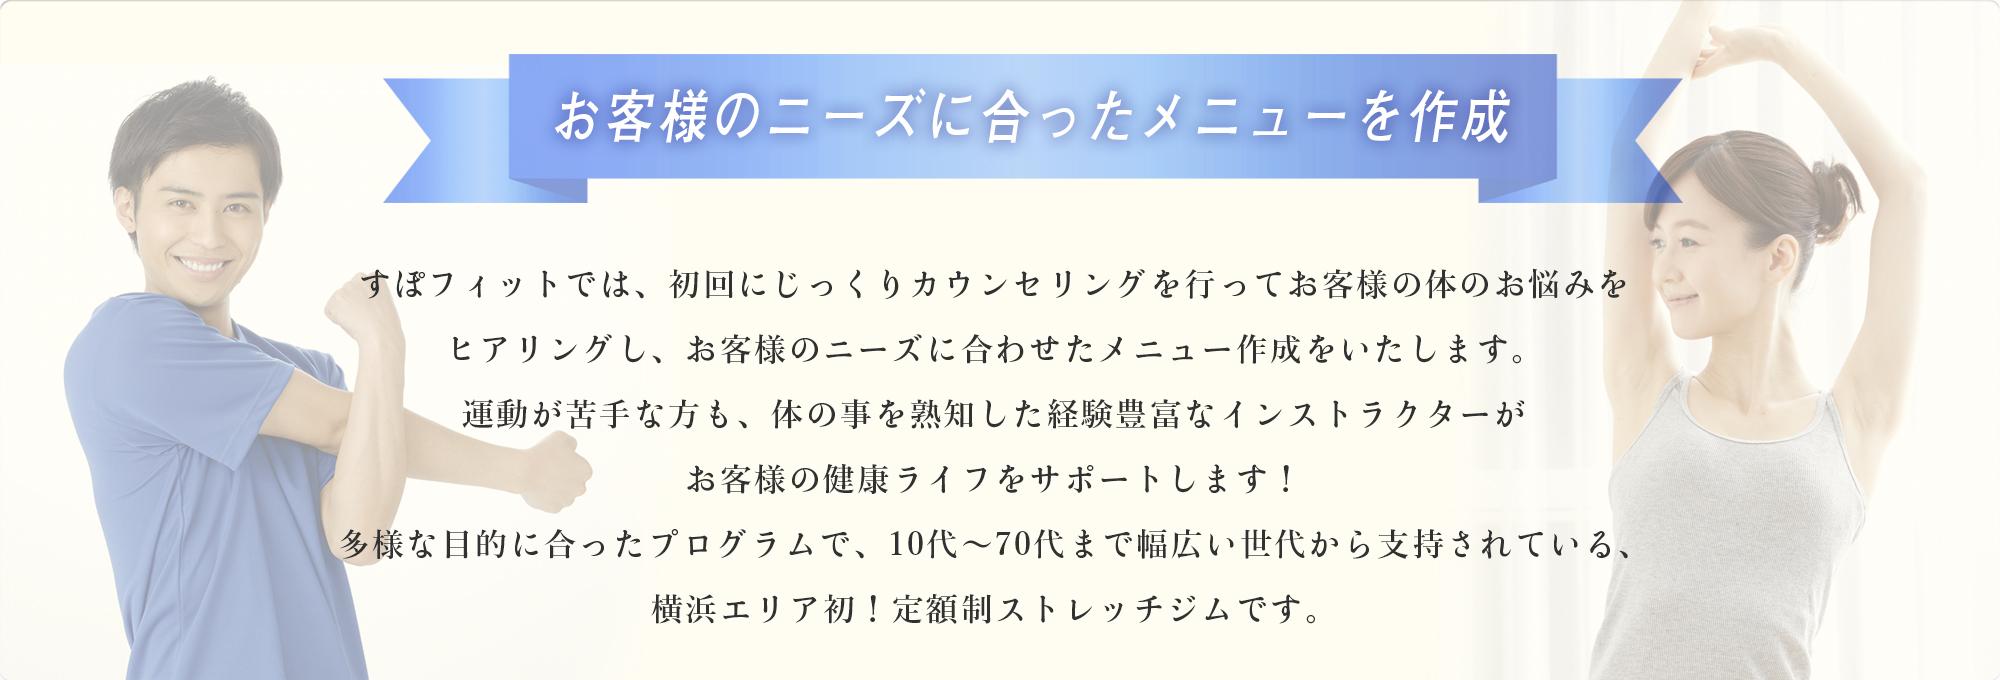 3_spo_lp_menu